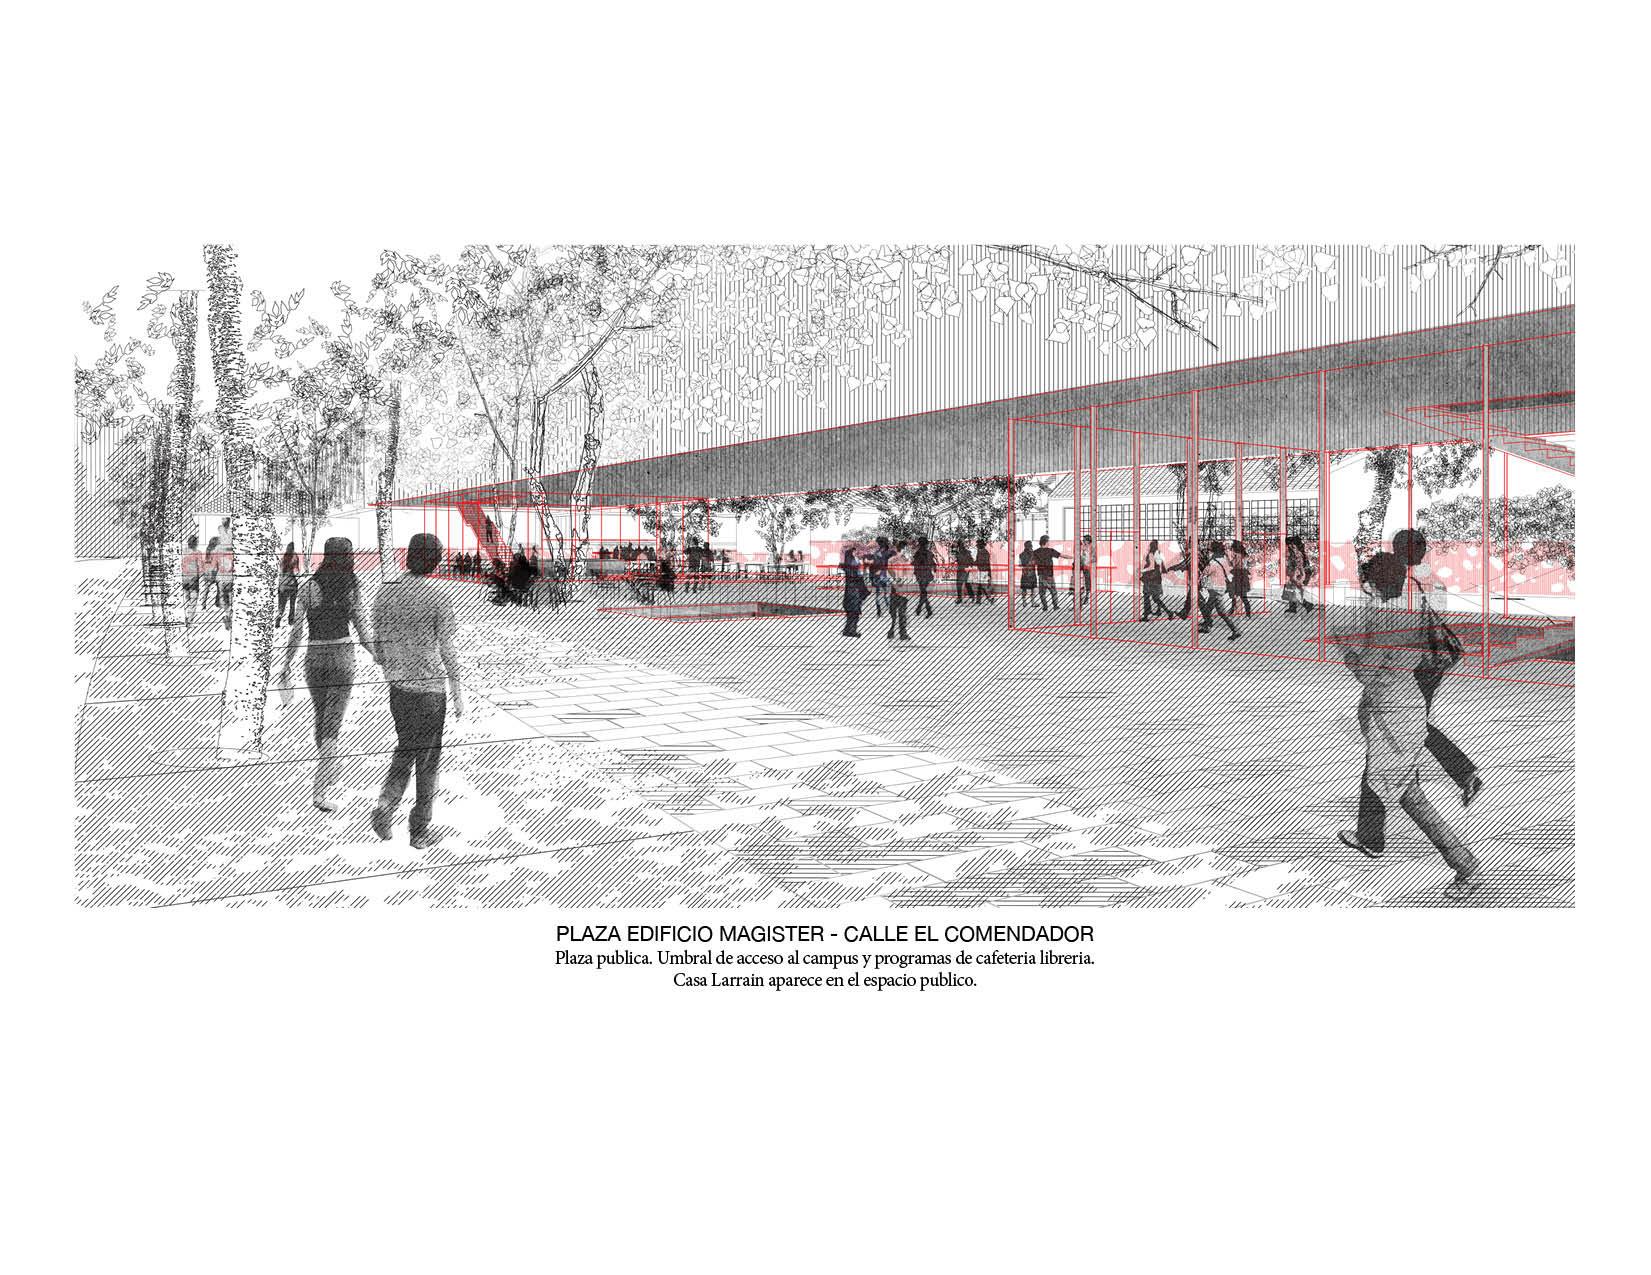 Plaza pública del edificio Magíster. Image Cortesia de Beals + Lyon Arquitectos